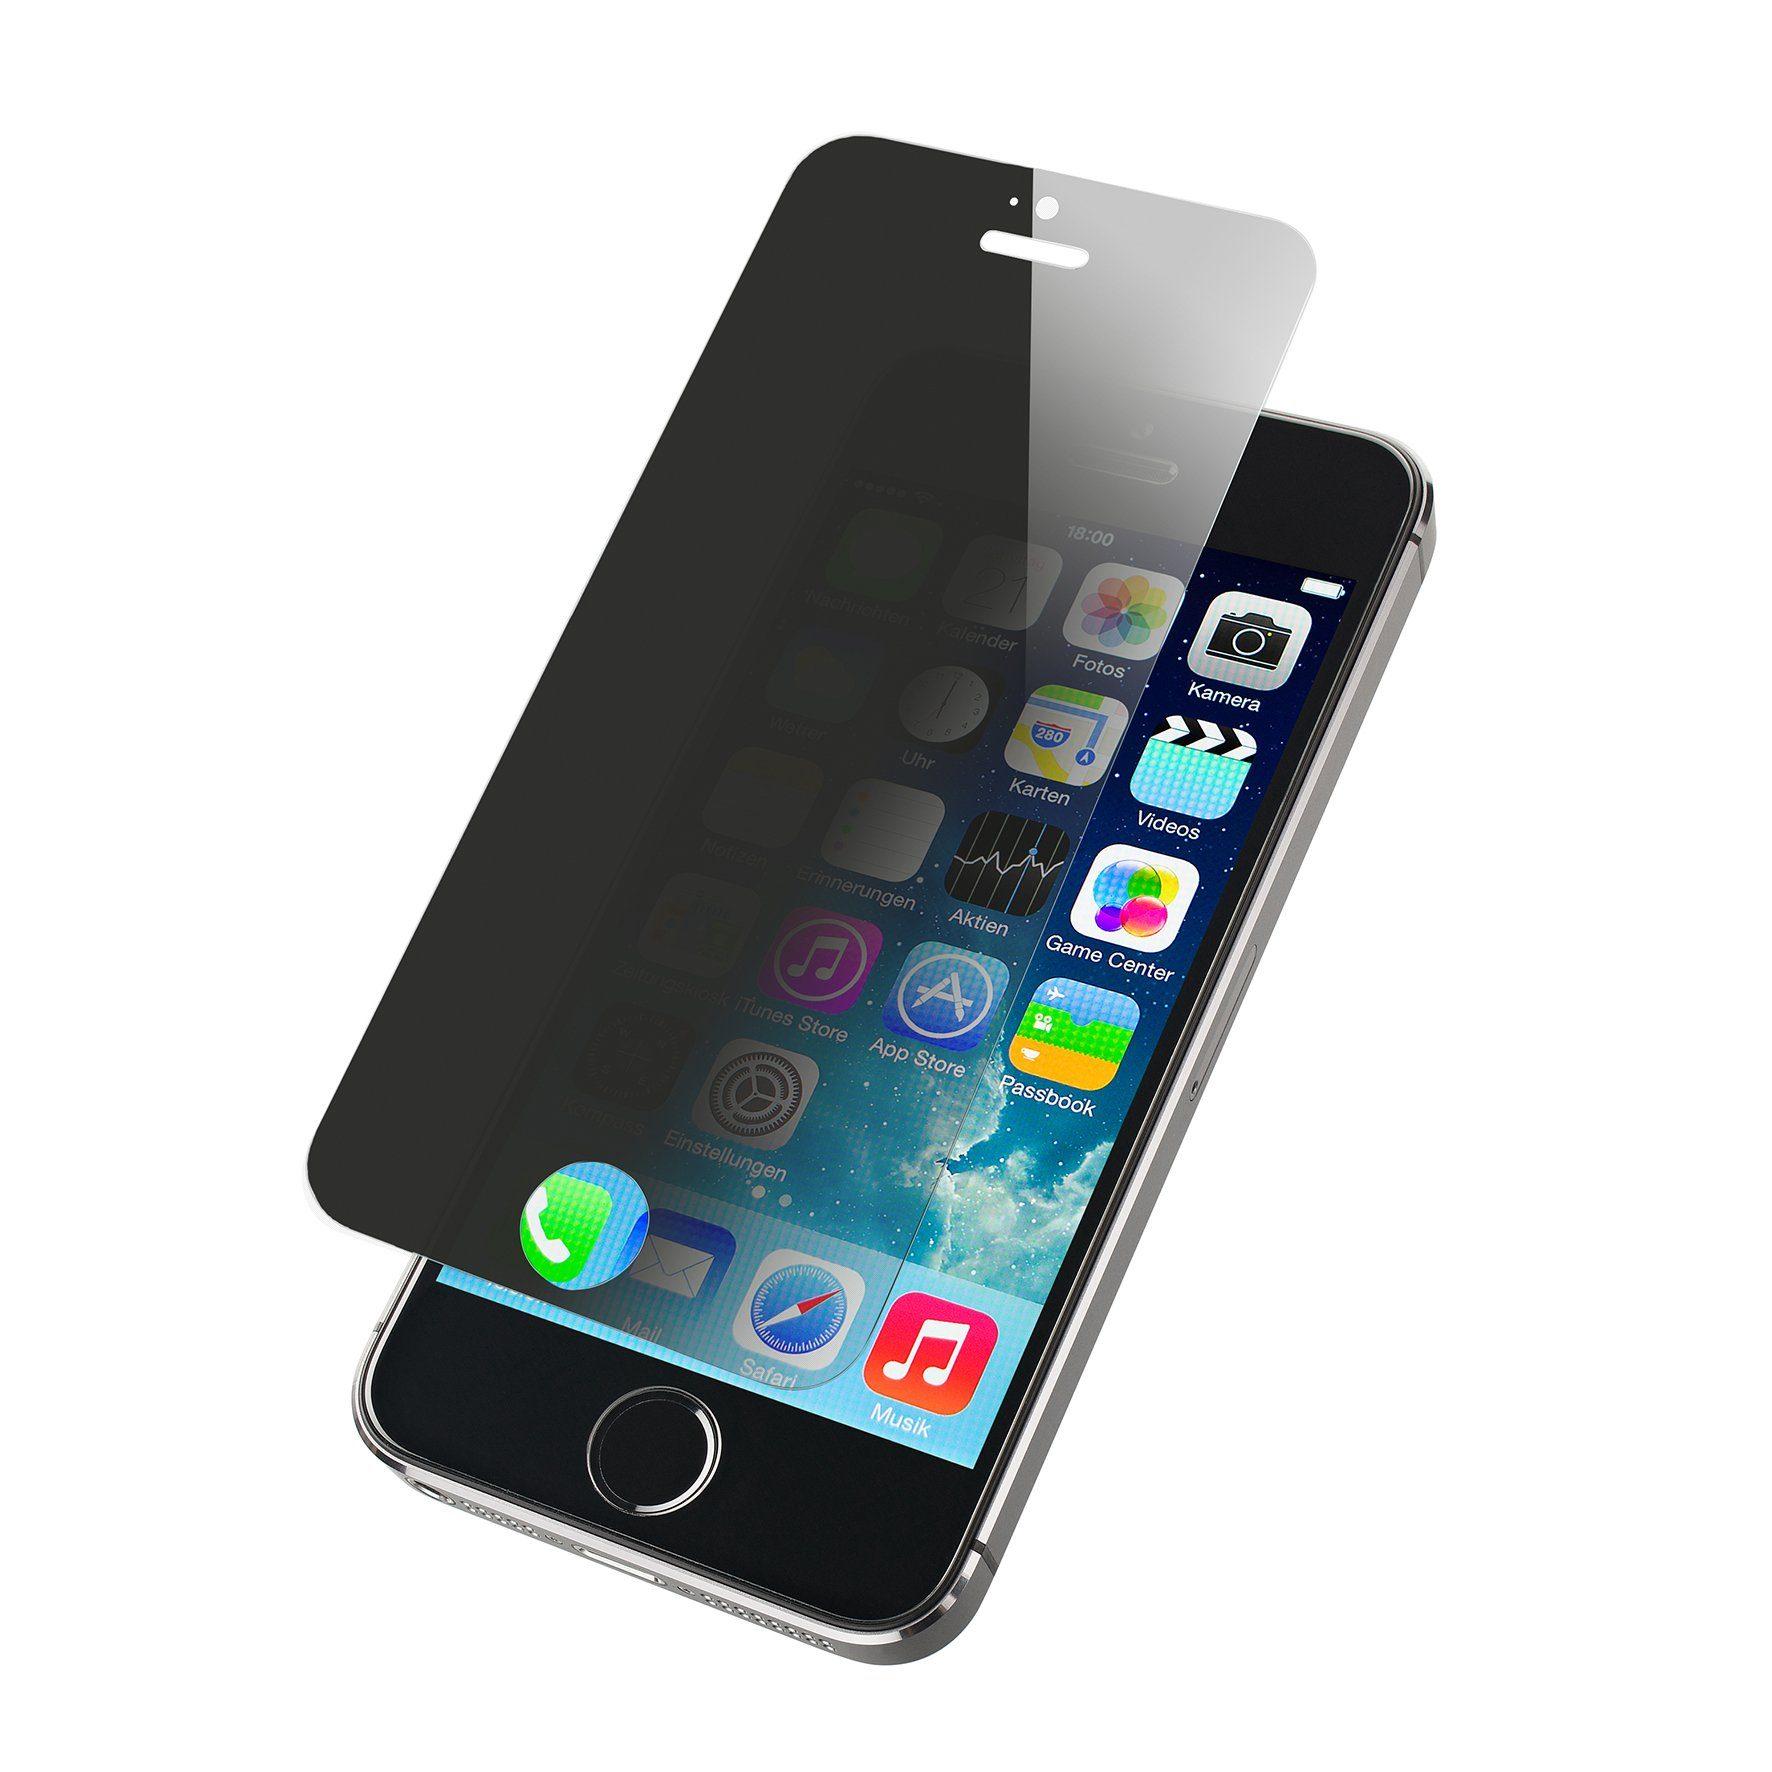 Artwizz Sicherer Displayschutz aus gehärtetem Glas »2nd Display Privacy für iPhone 5/5c/5s«